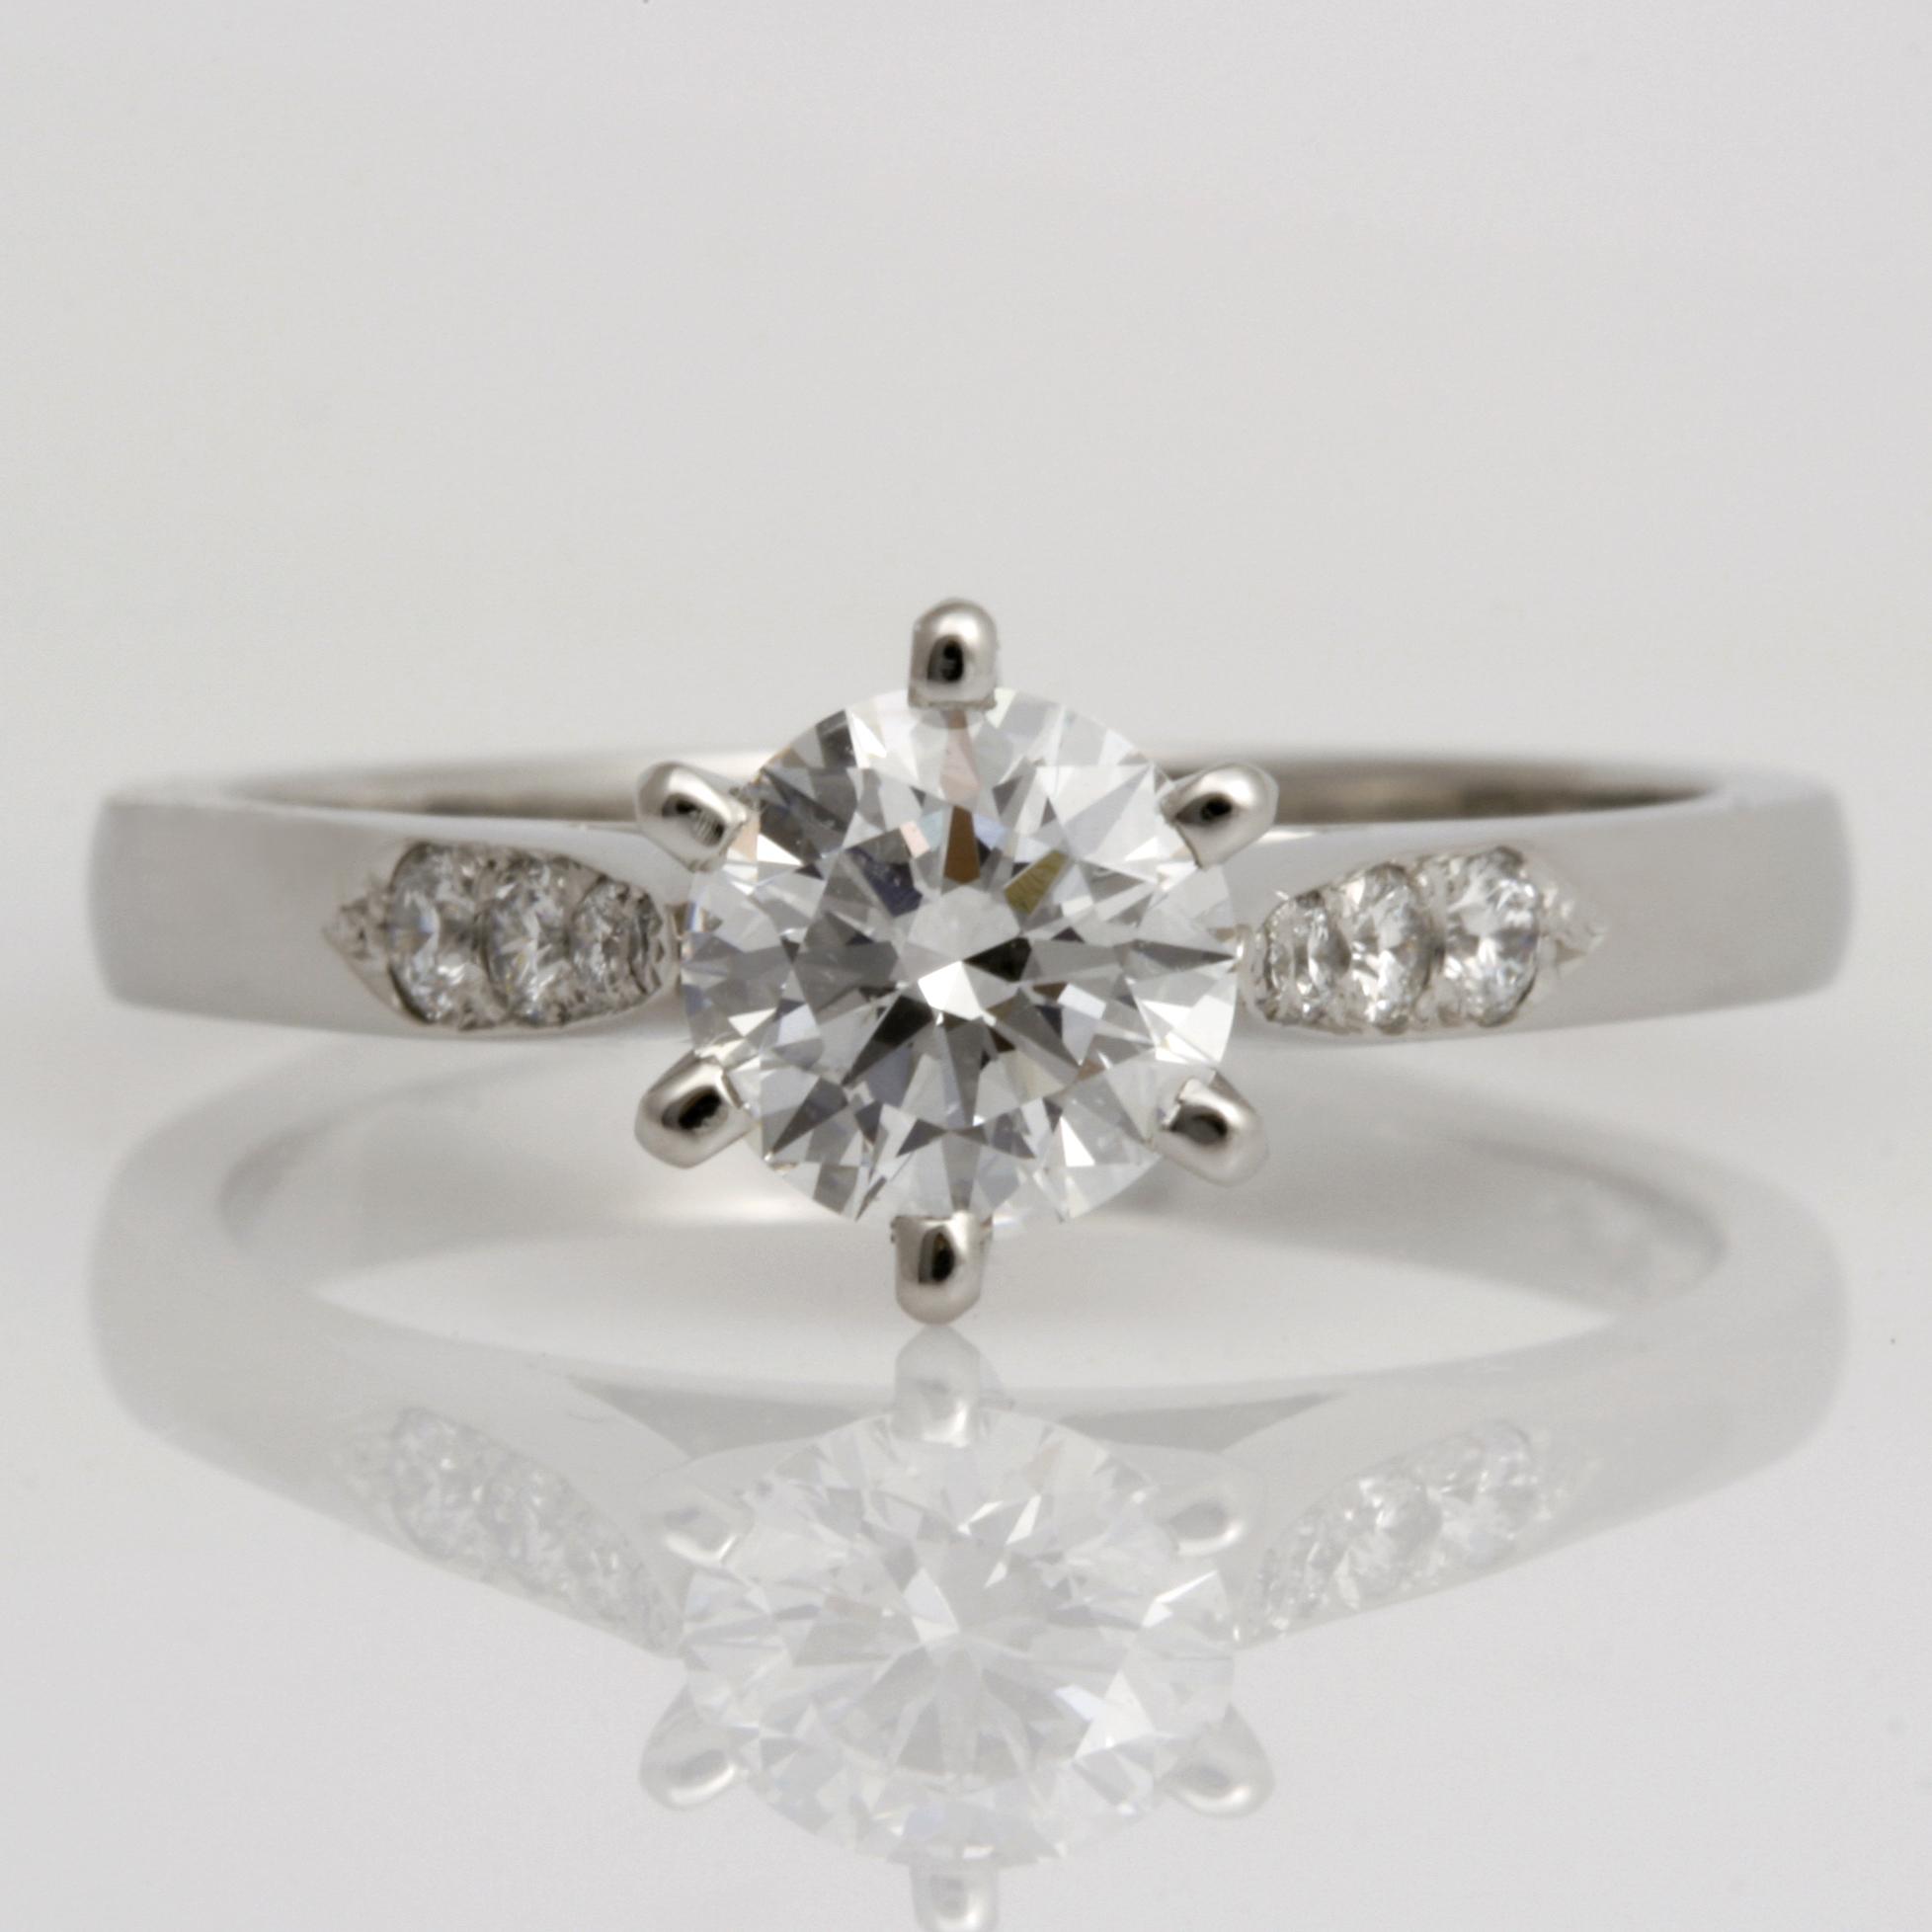 Ladies handmade platinum brilliant cut diamond Engagement ring